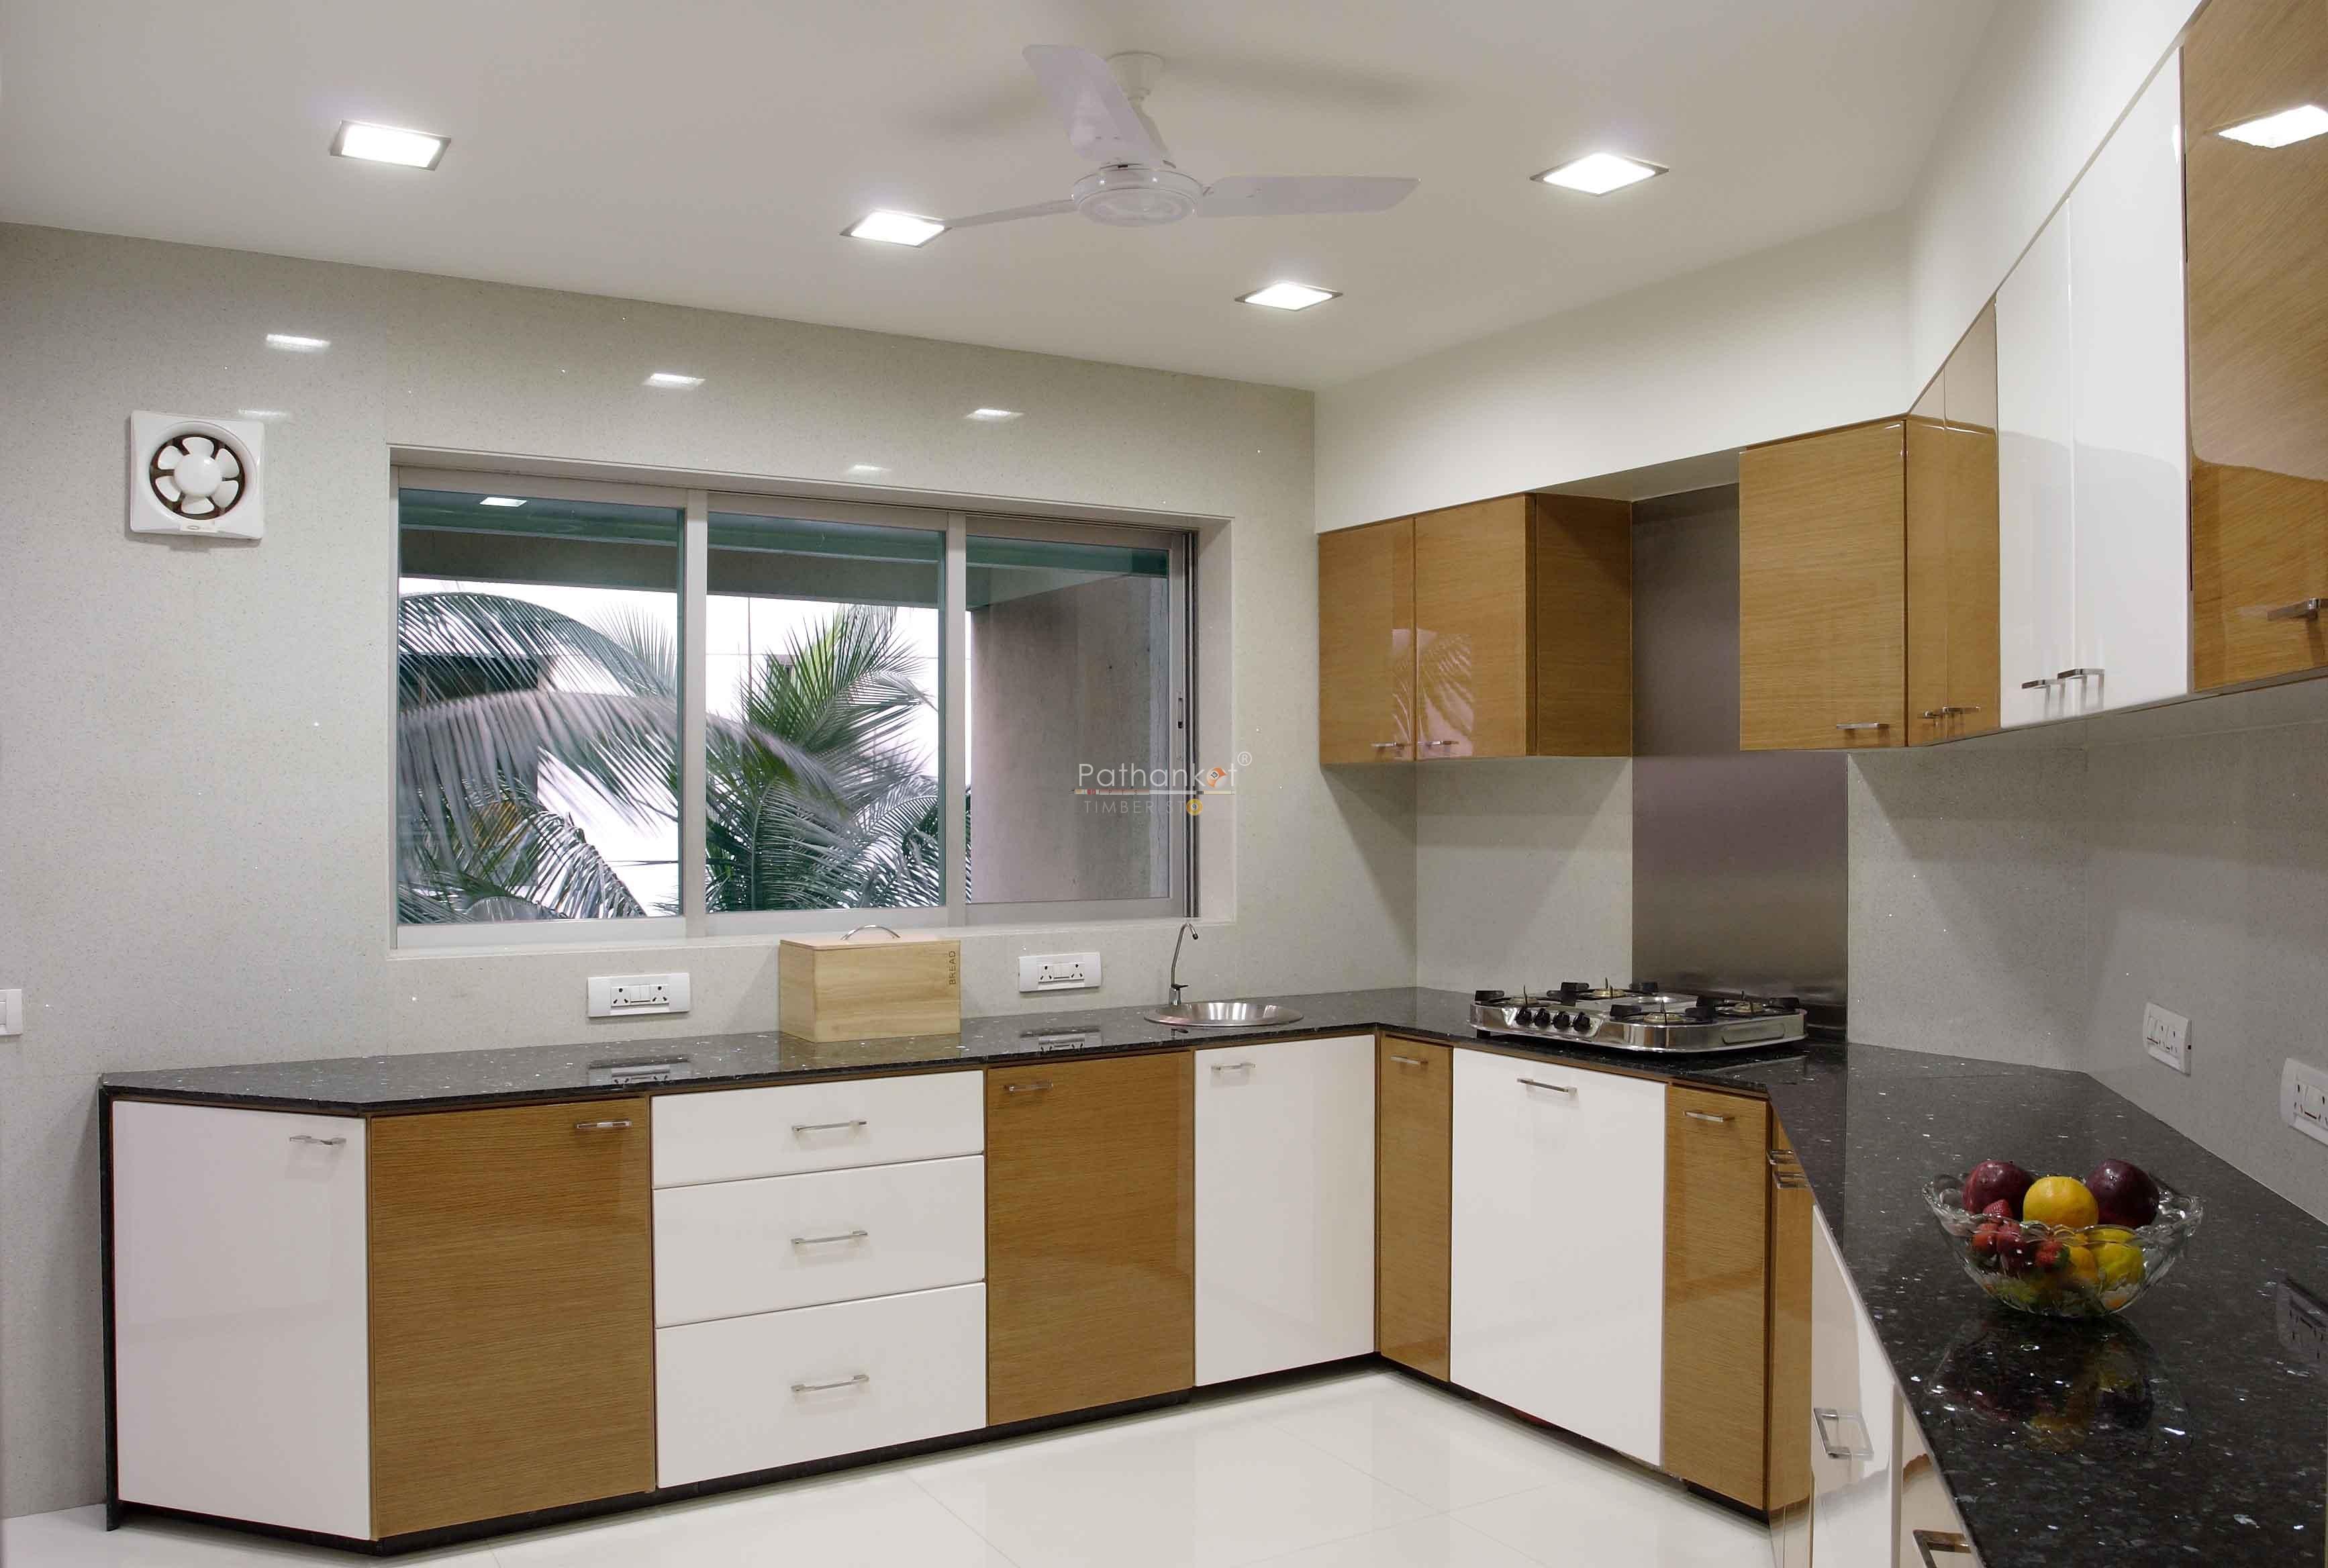 2-4-custom-modulære-køkken-træ-kabinetter-fremstilling-eller-making-afgifter-pris-sats